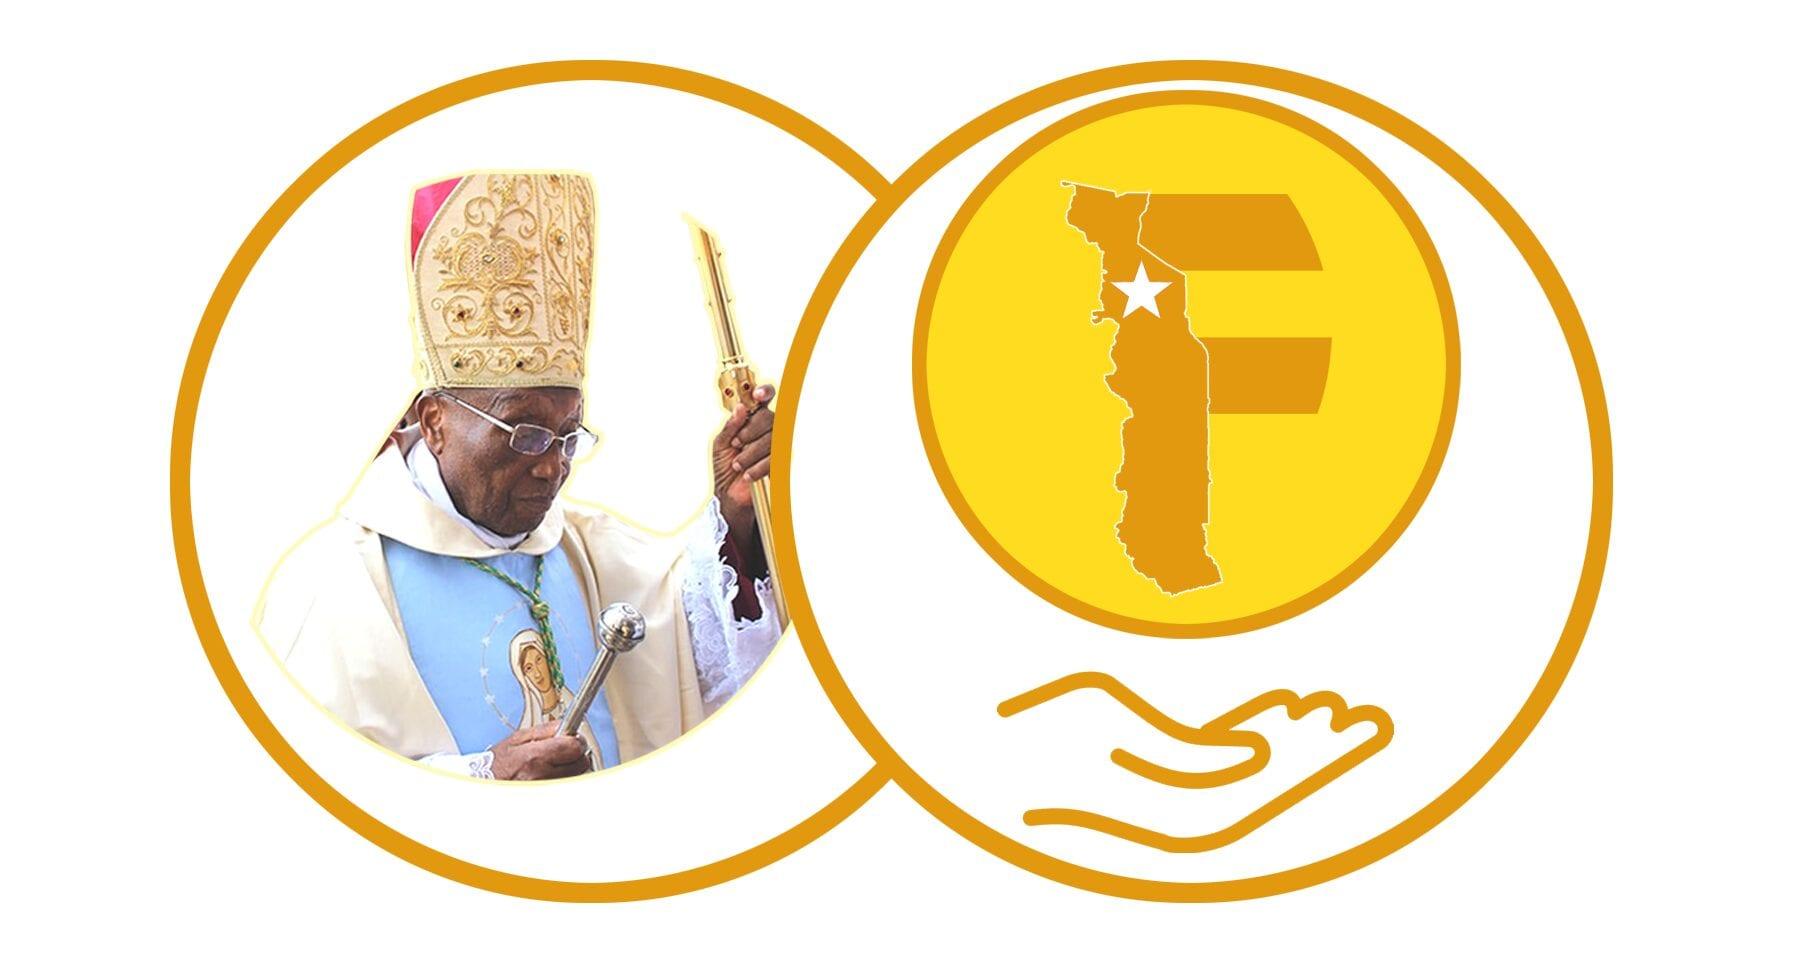 La Dynamique Monseigneur Kpodzro (Dmk) Traite Anani Fifa De Menteur